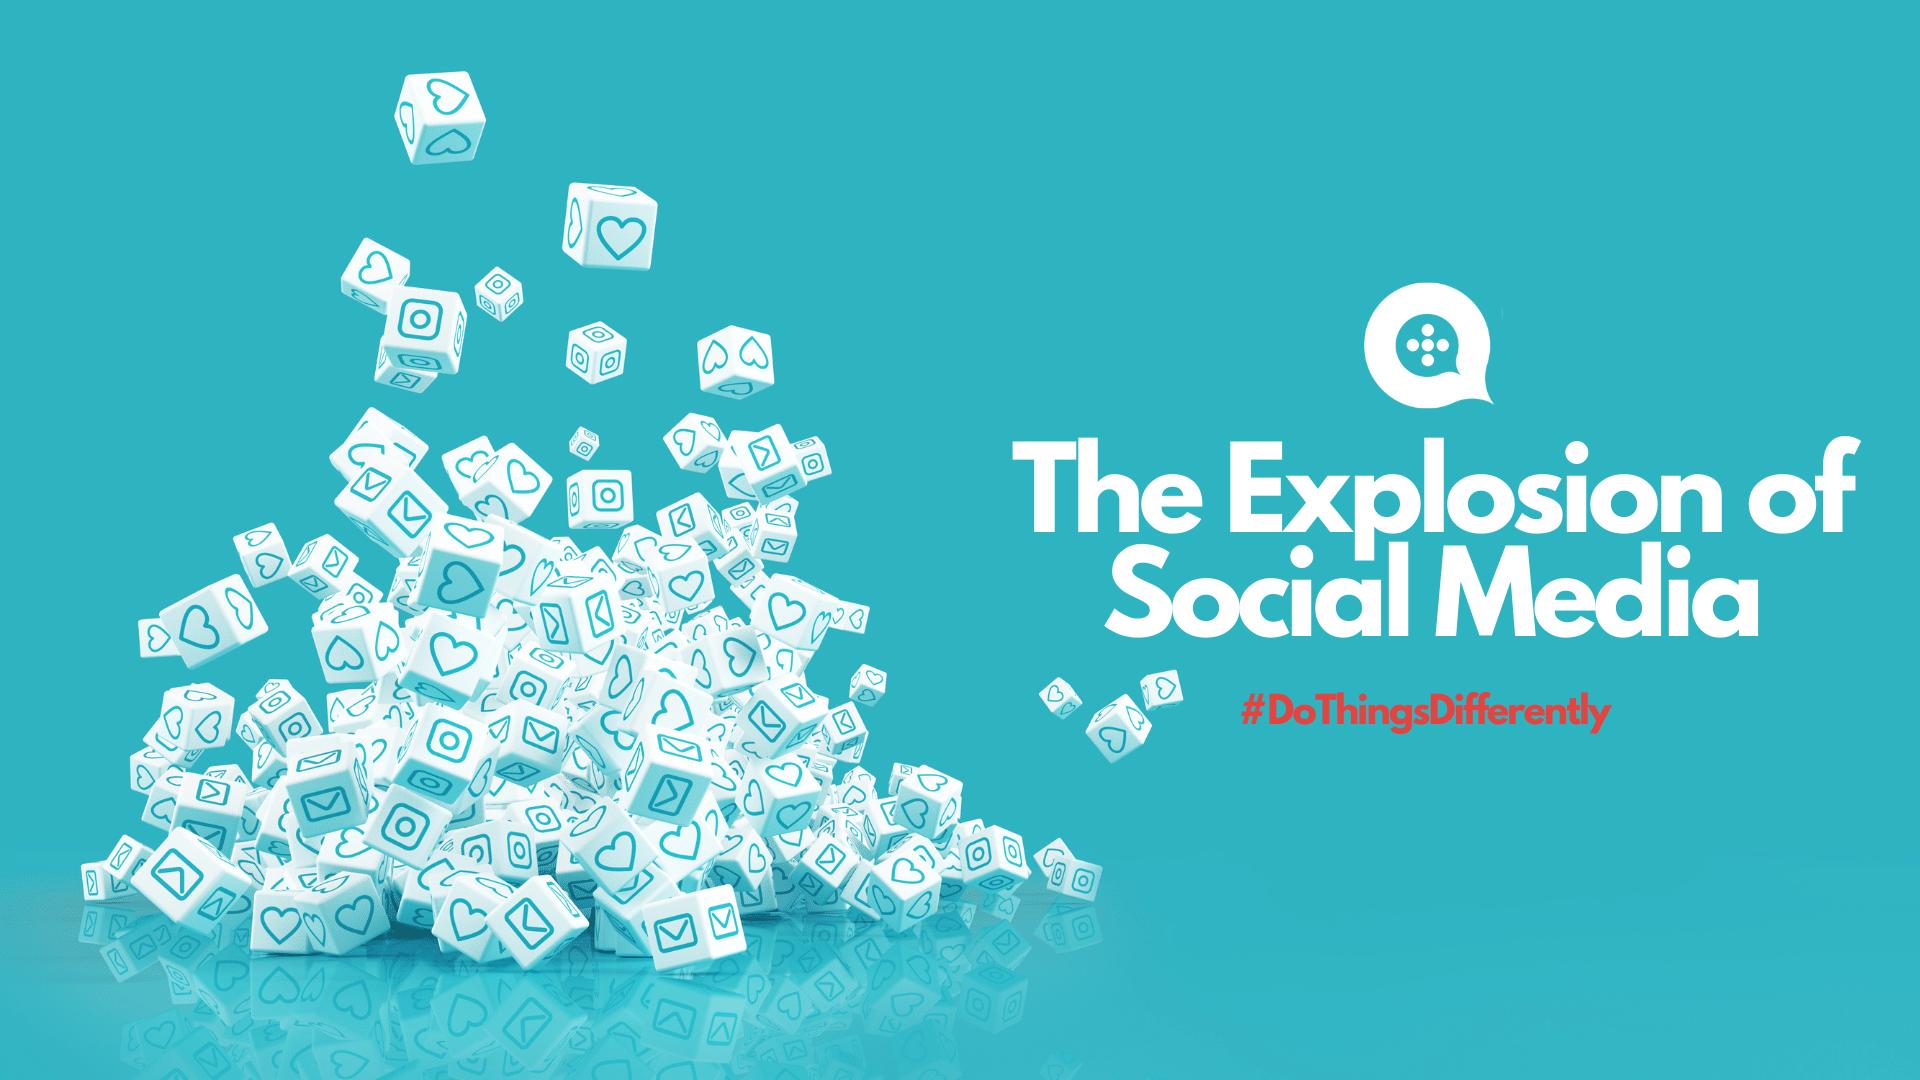 Social Media explosion likes and hearts